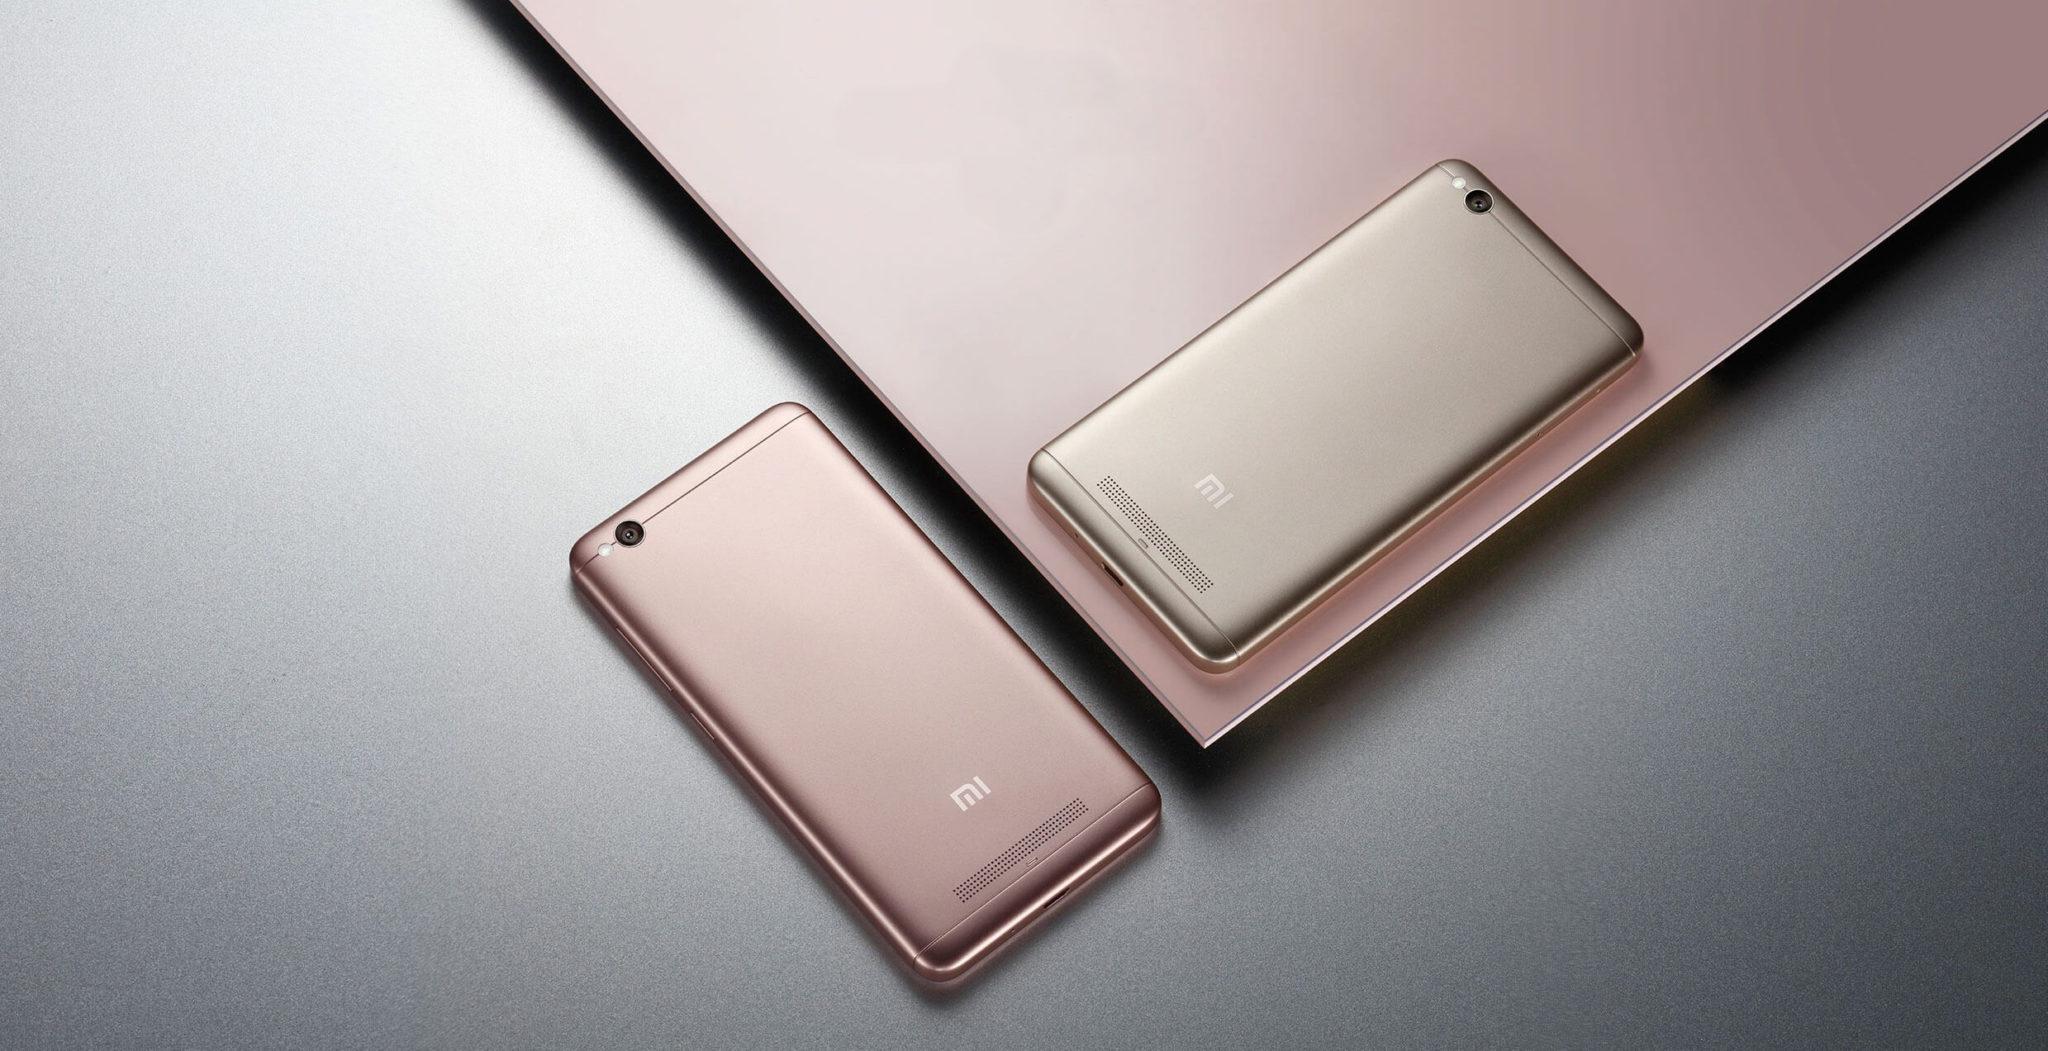 Novinka Xiaomi Redmi 4A Global včetně českého LTE konečně v prodeji. Kde nakoupit nejlevněji? [sponzorovaný článek]